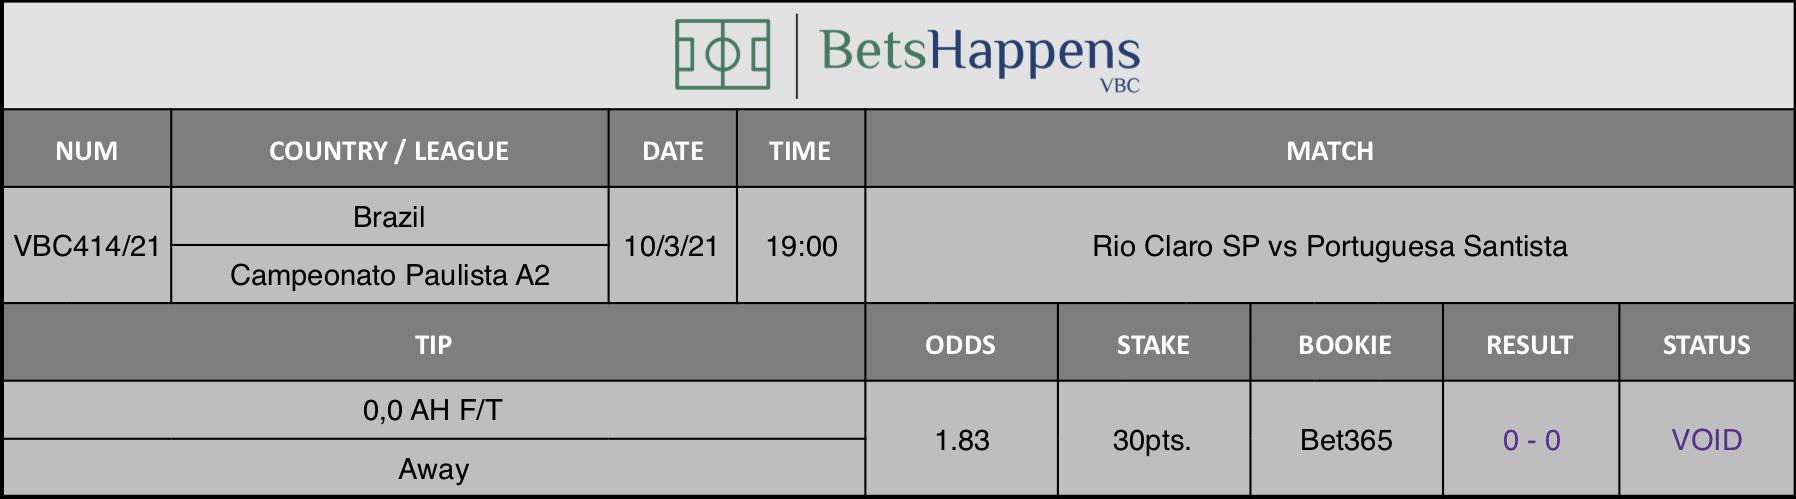 Resultados de nuestro consejo para el partido Río Claro SP vs Portuguesa Santista donde se recomienda 0,0 AH F/T Away.